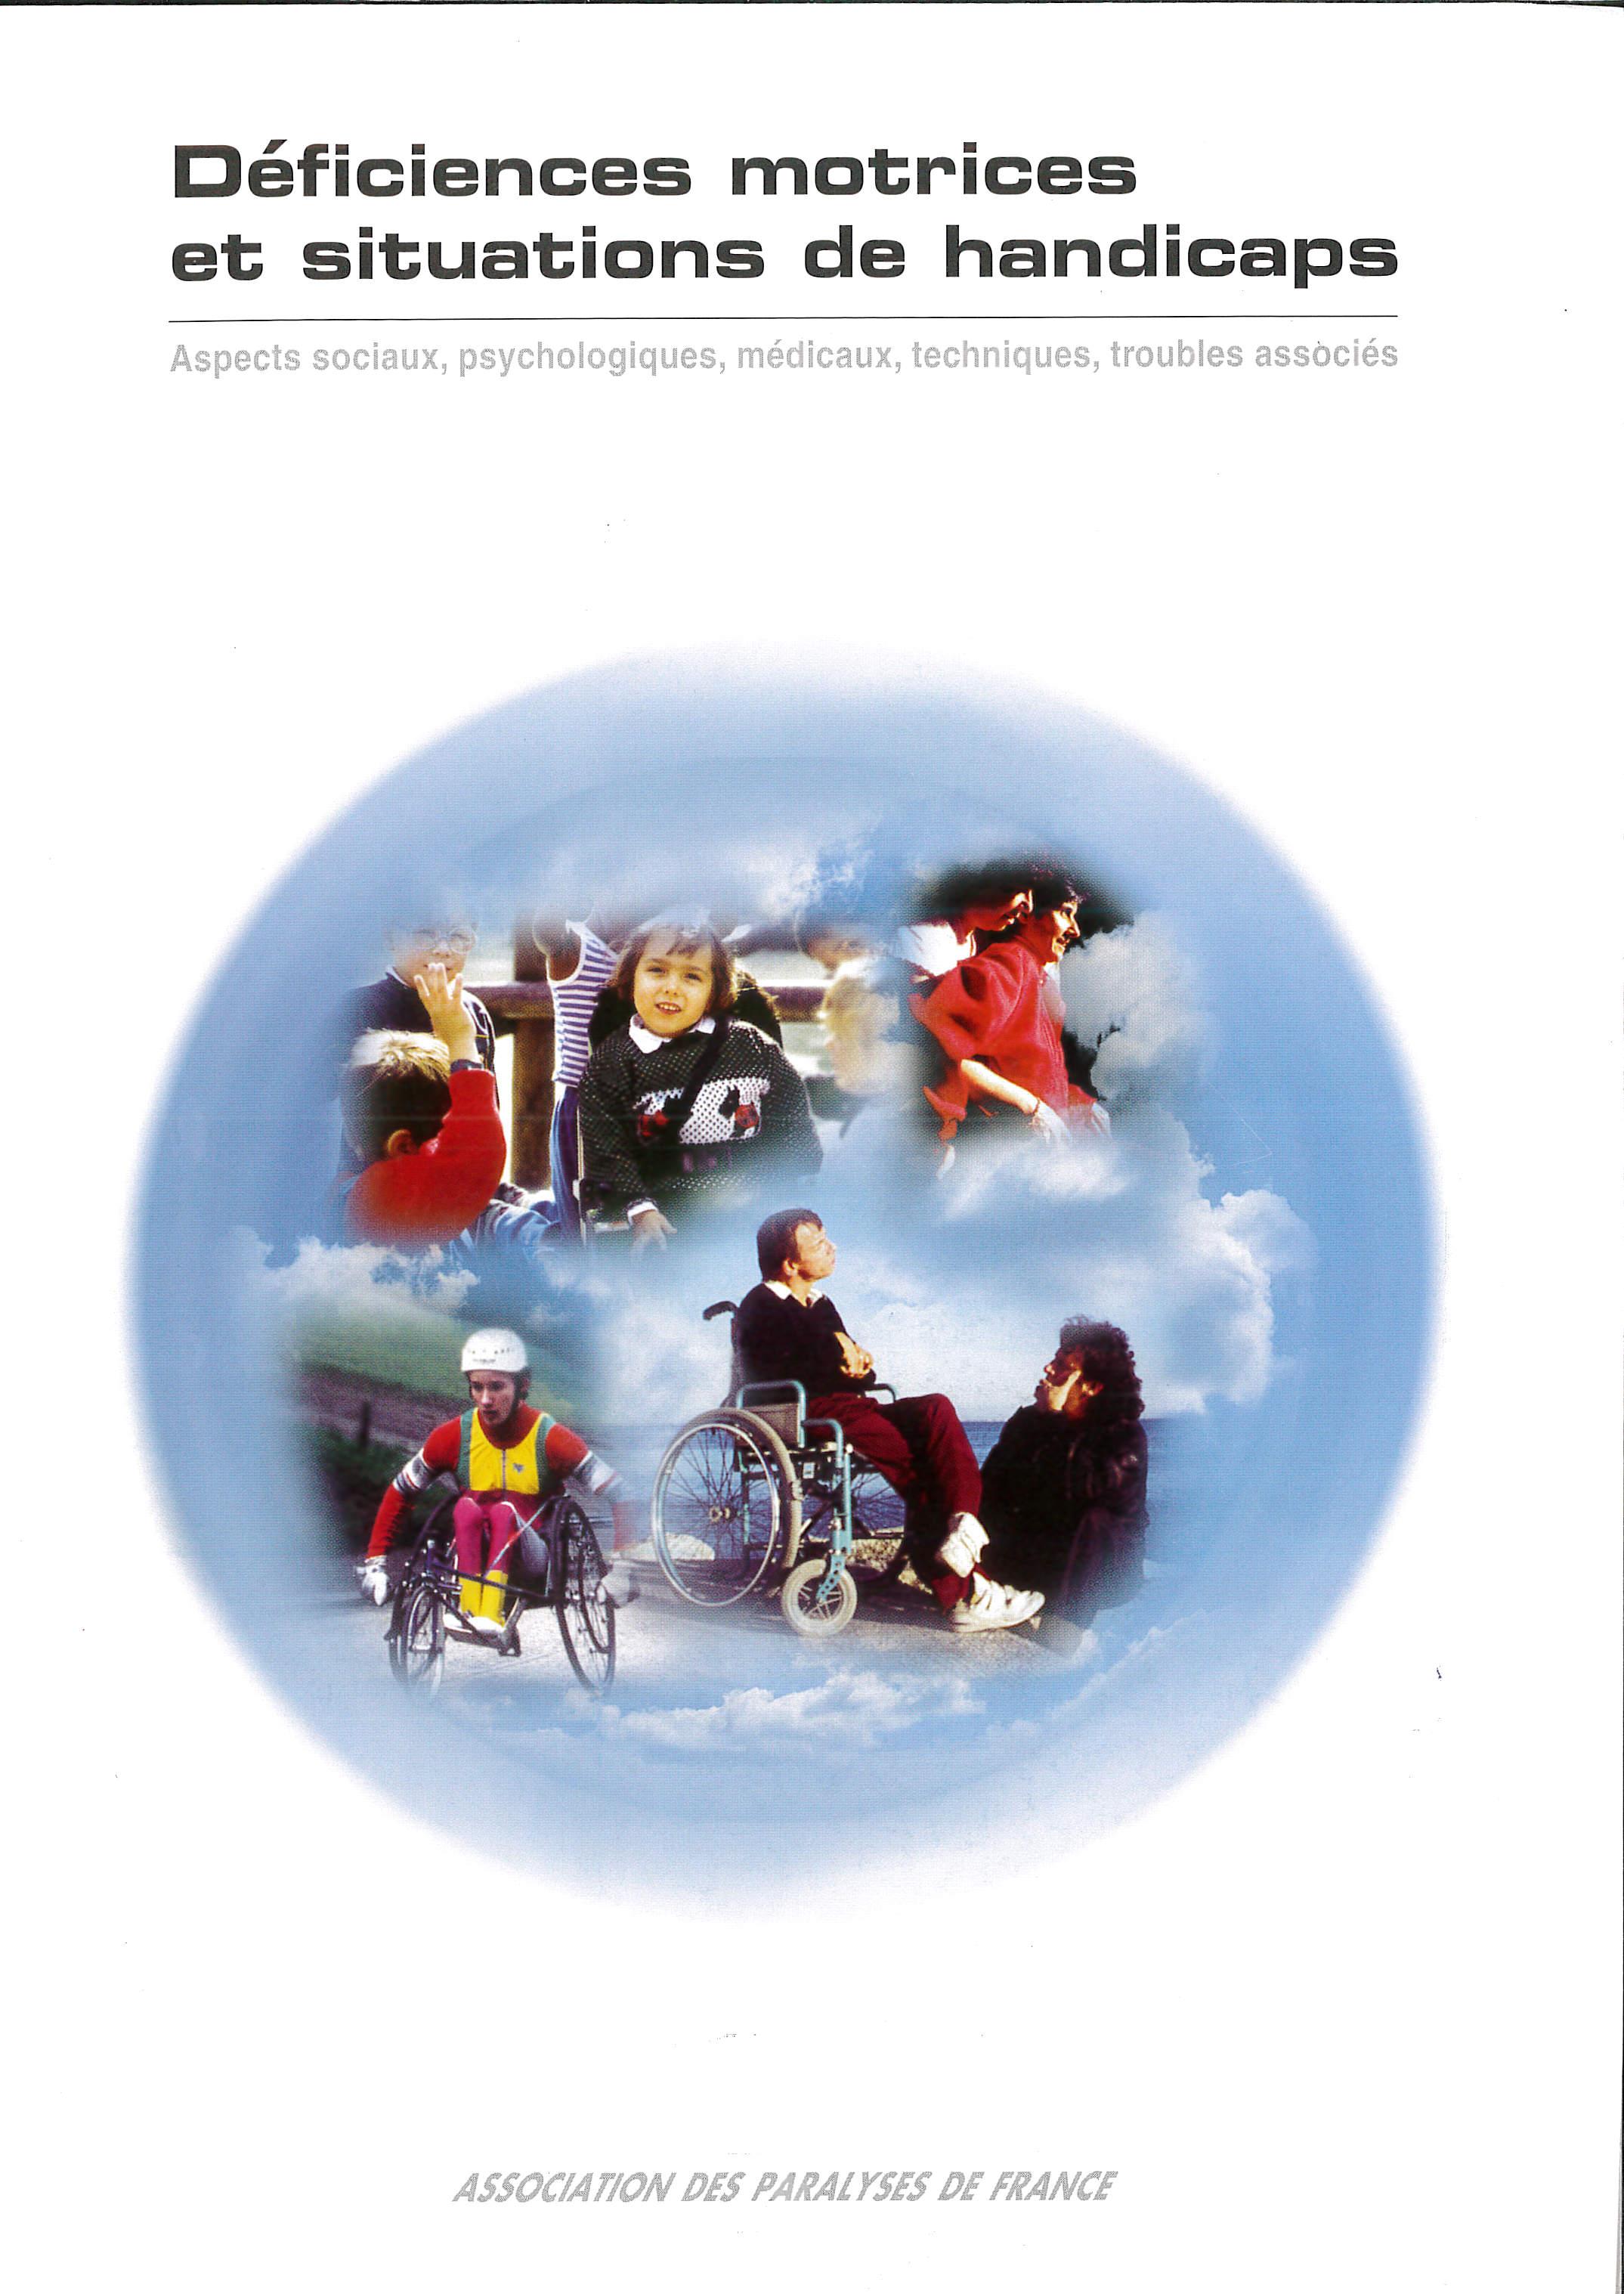 Déficiences motrices et situations de handicap, livre numérique